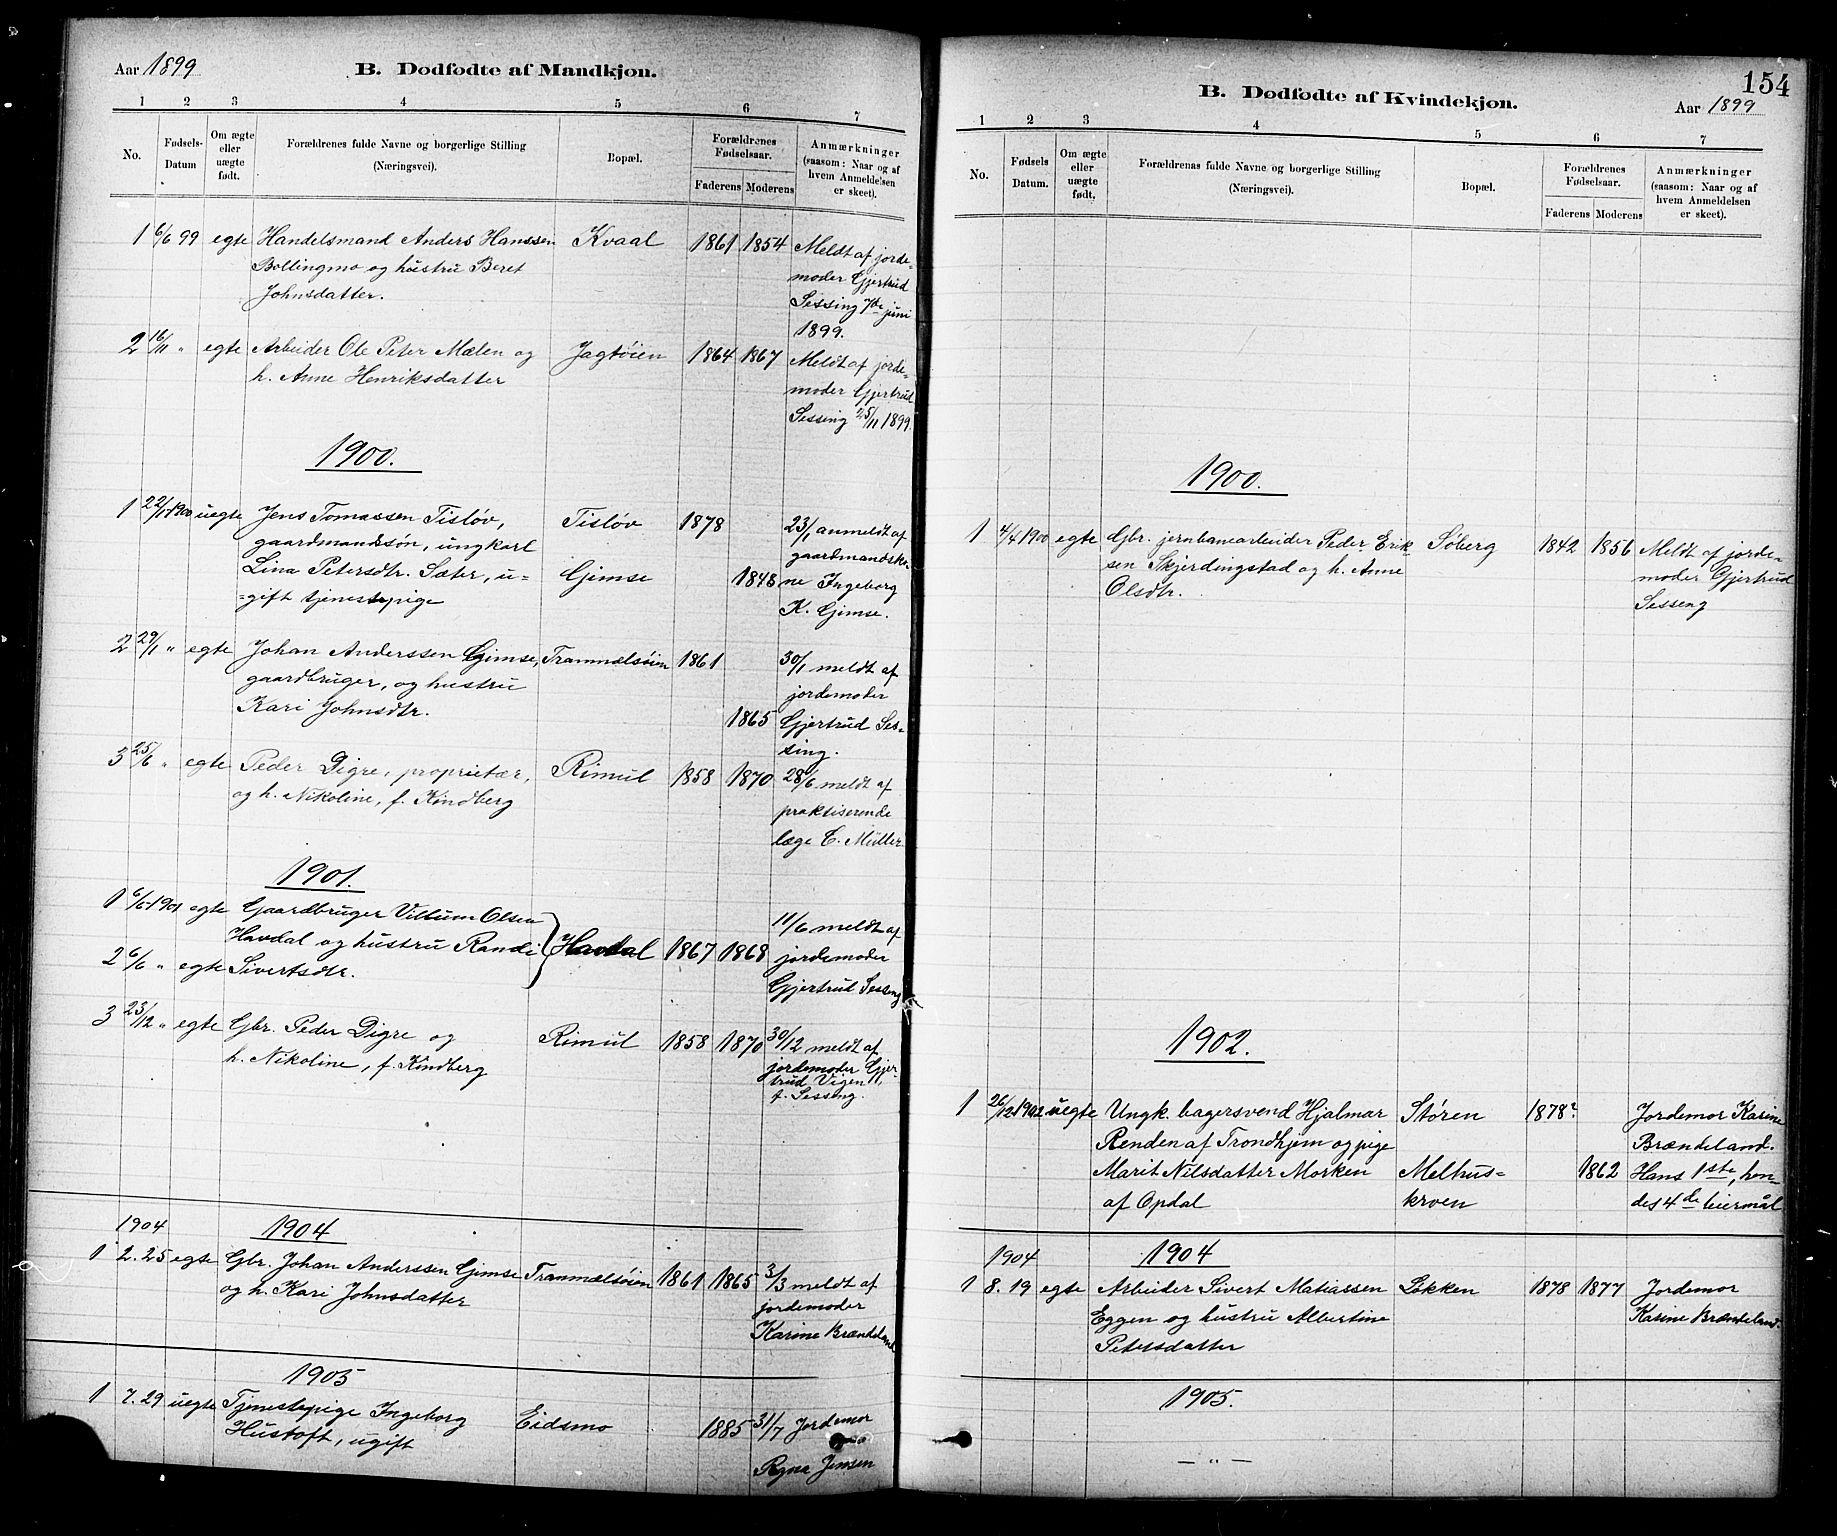 SAT, Ministerialprotokoller, klokkerbøker og fødselsregistre - Sør-Trøndelag, 691/L1094: Klokkerbok nr. 691C05, 1879-1911, s. 154